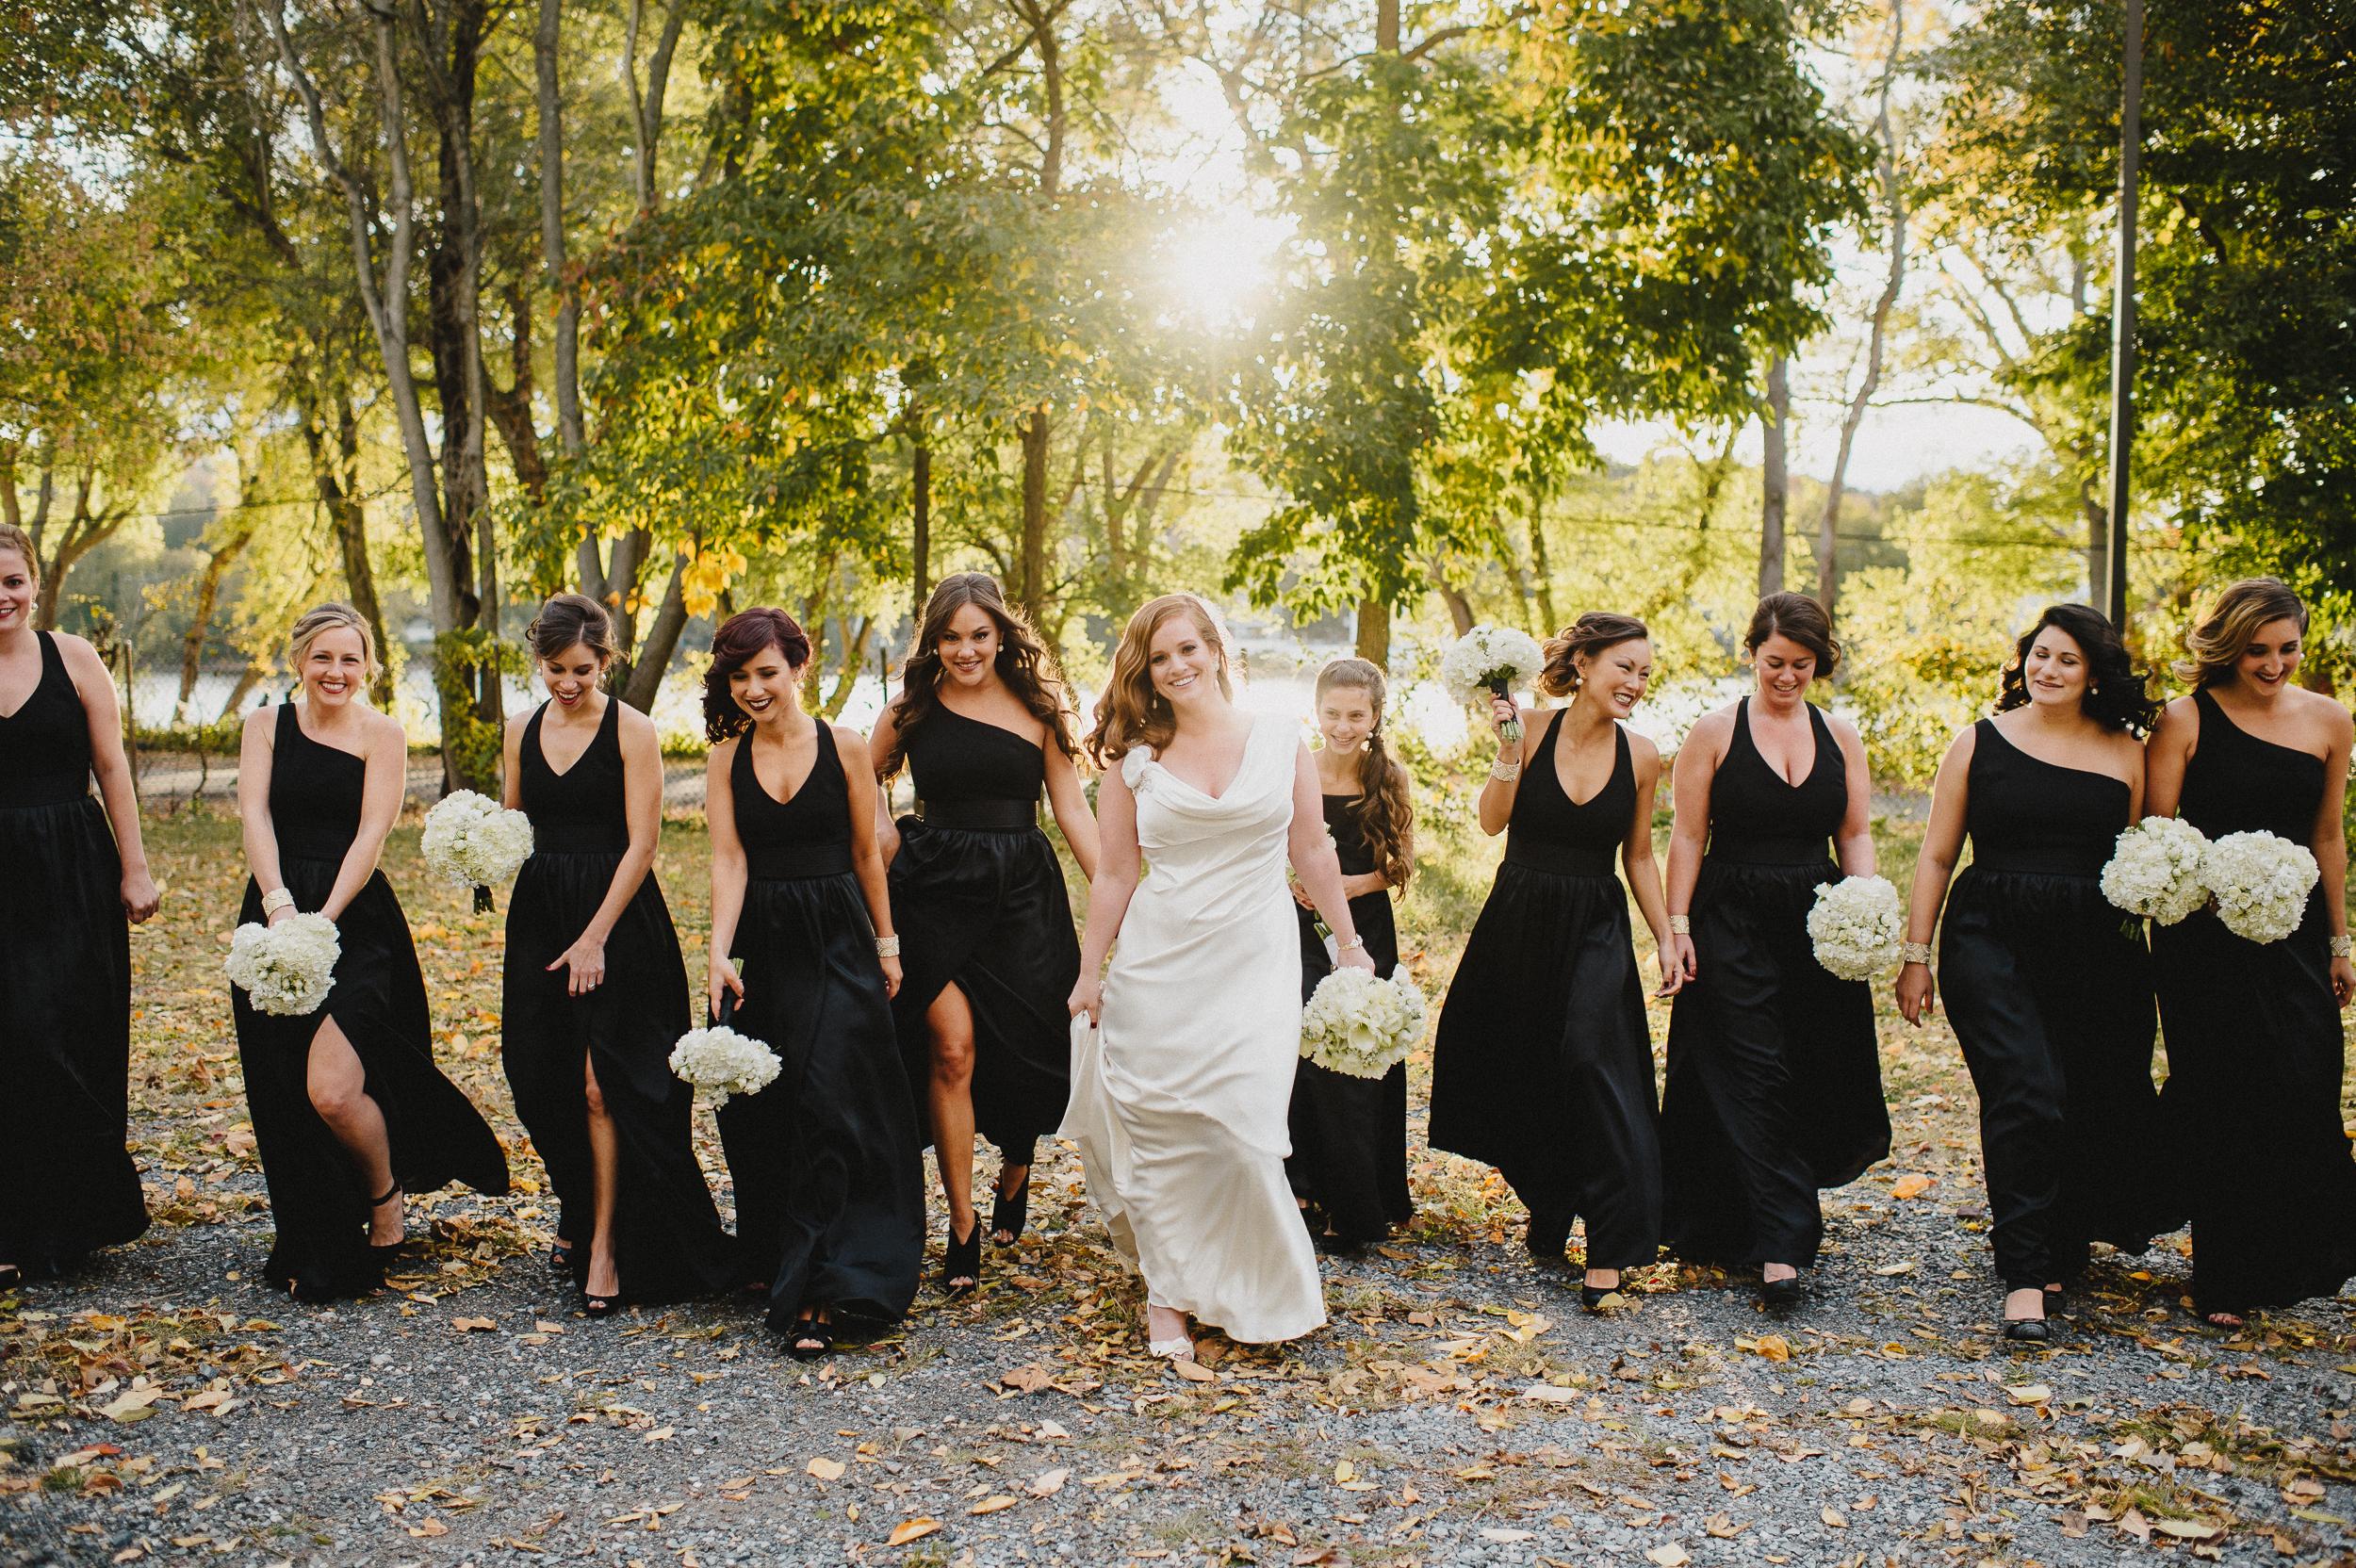 lambertville-station-wedding-photographer-22.jpg